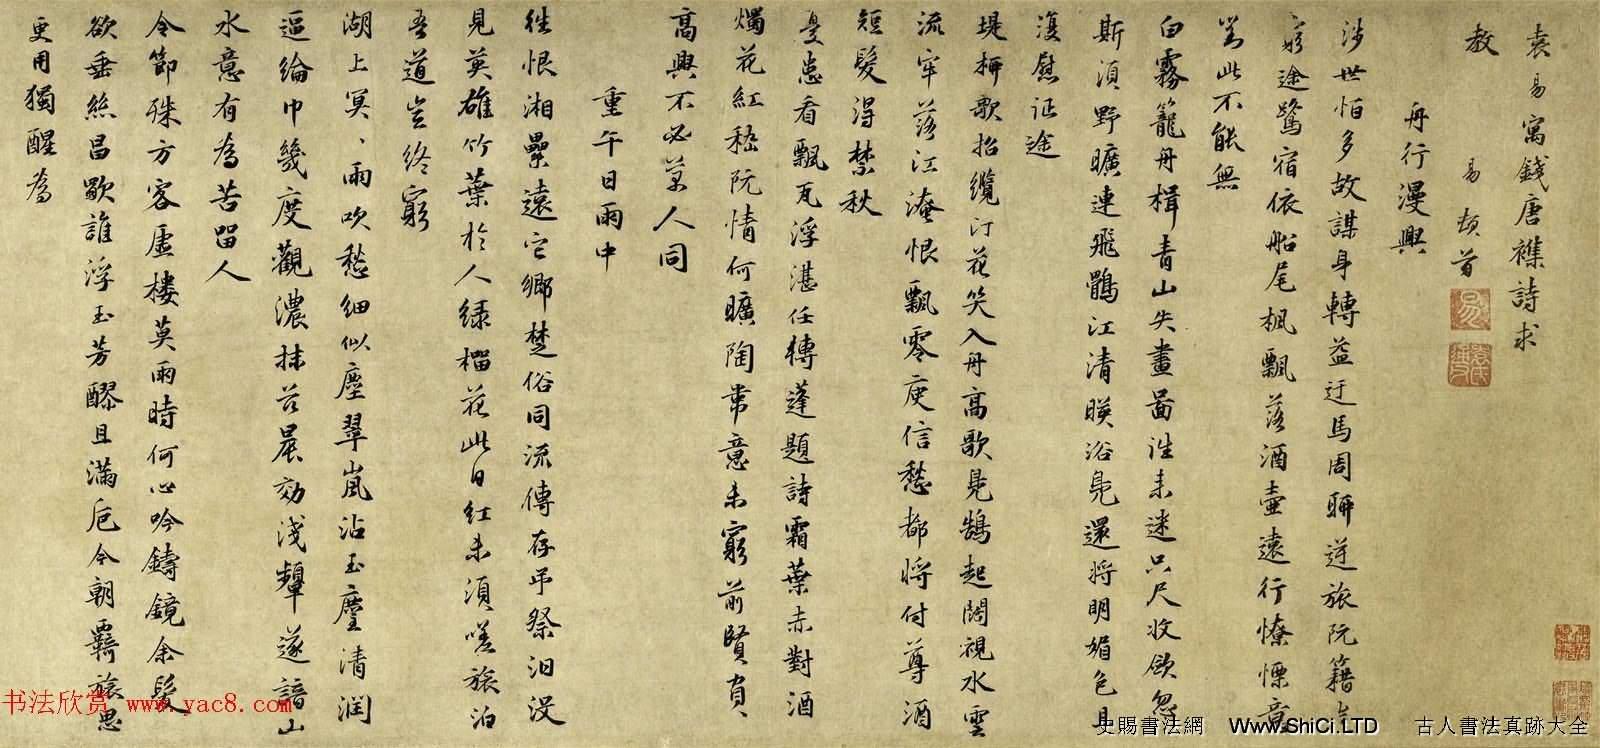 元代文學家袁易行書欣賞《錢塘雜詩卷》